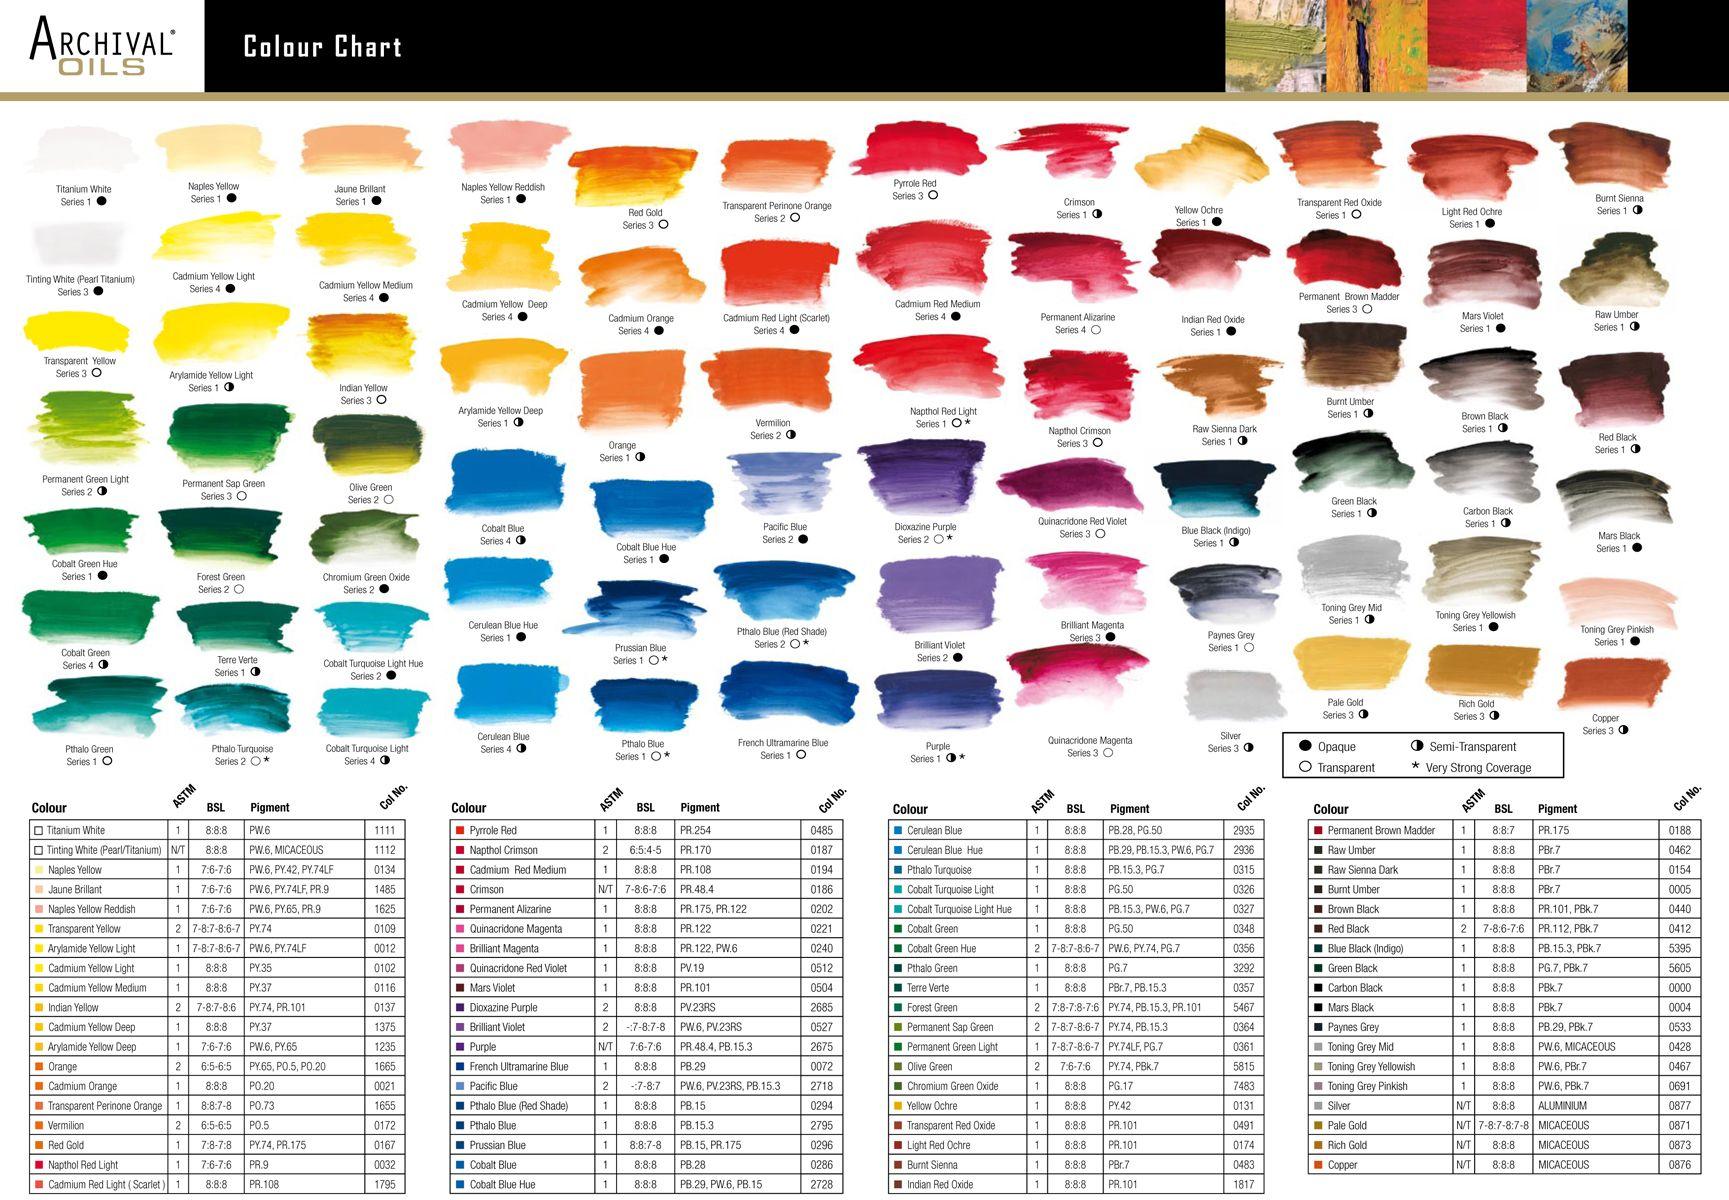 Folk art color chart acrylic paint - Chroma Archival Oils Color Chart